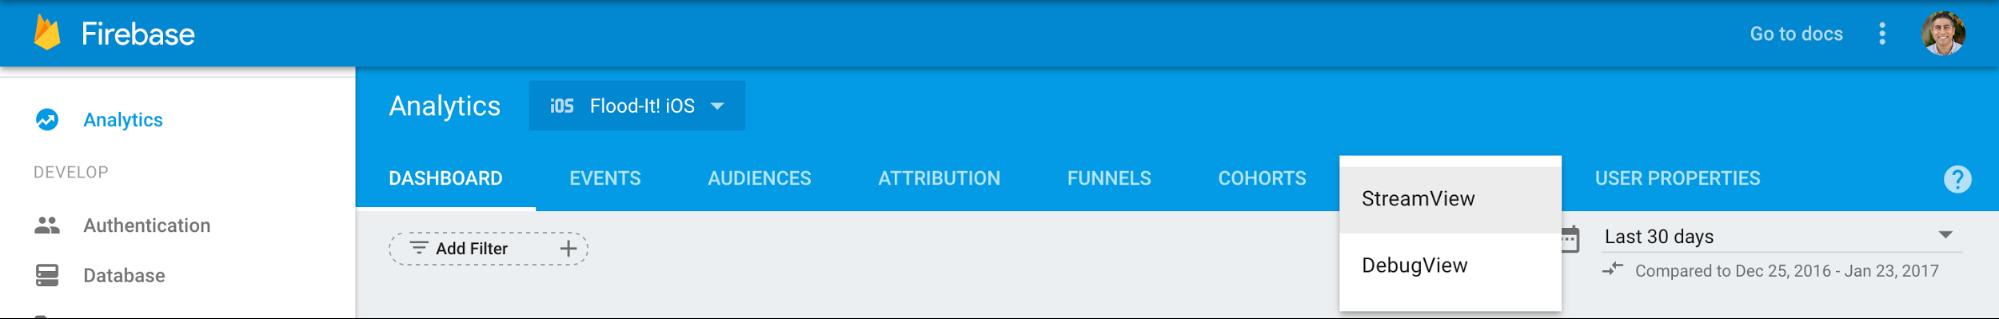 با انتخاب پیکان کنار StreamView در قسمت بالای Google Analytics و انتخاب DebugView به DebugView بروید